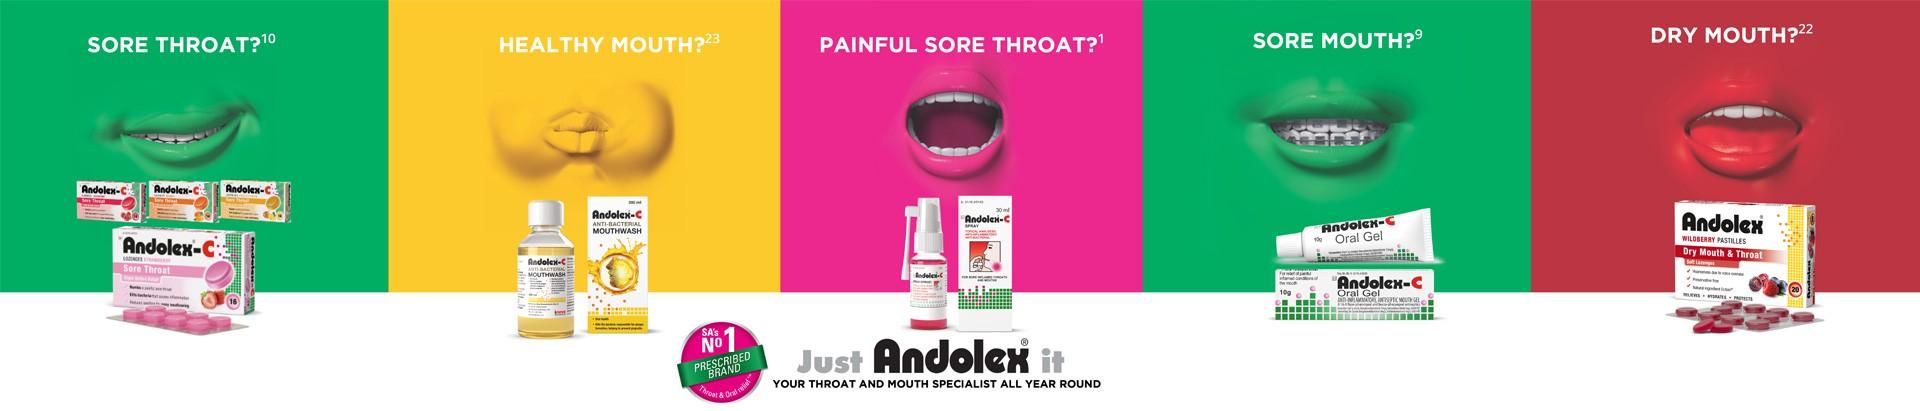 andolex-banner